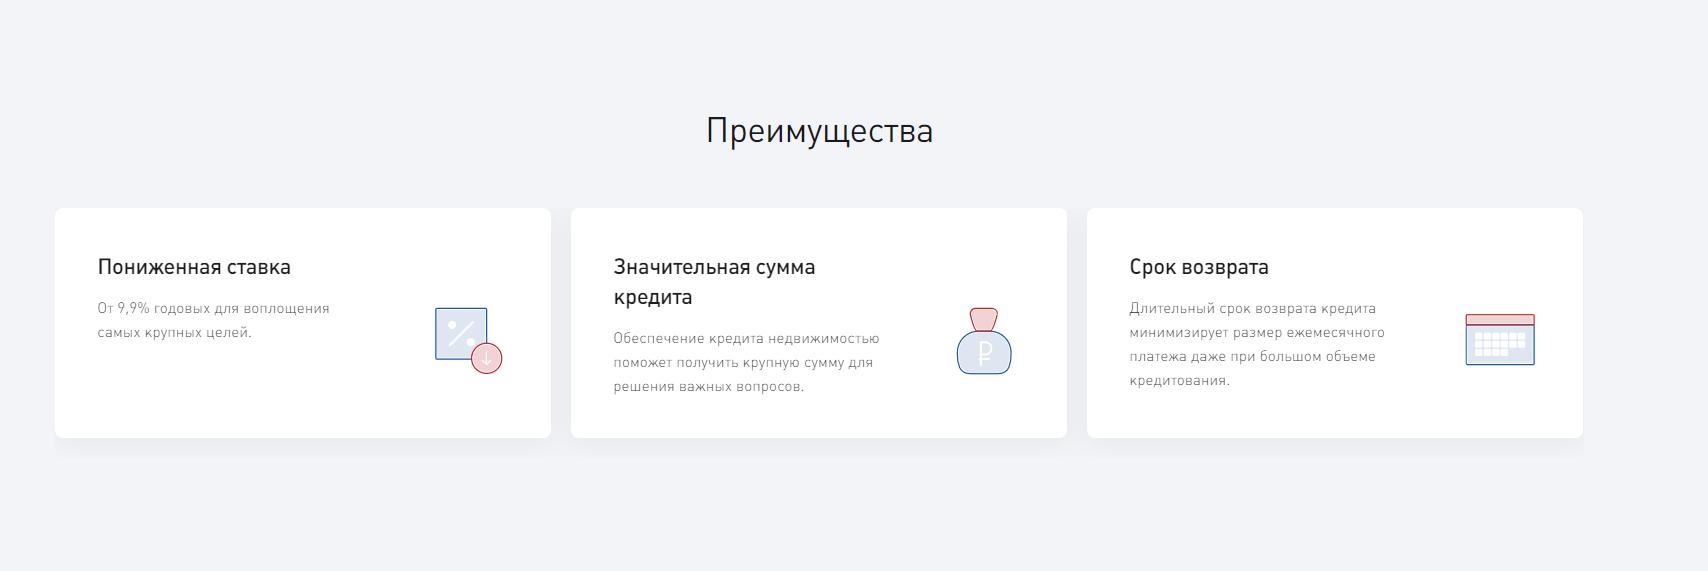 bank-vostochnyj-kredit-pod-zalog-nedvizhimosti_1